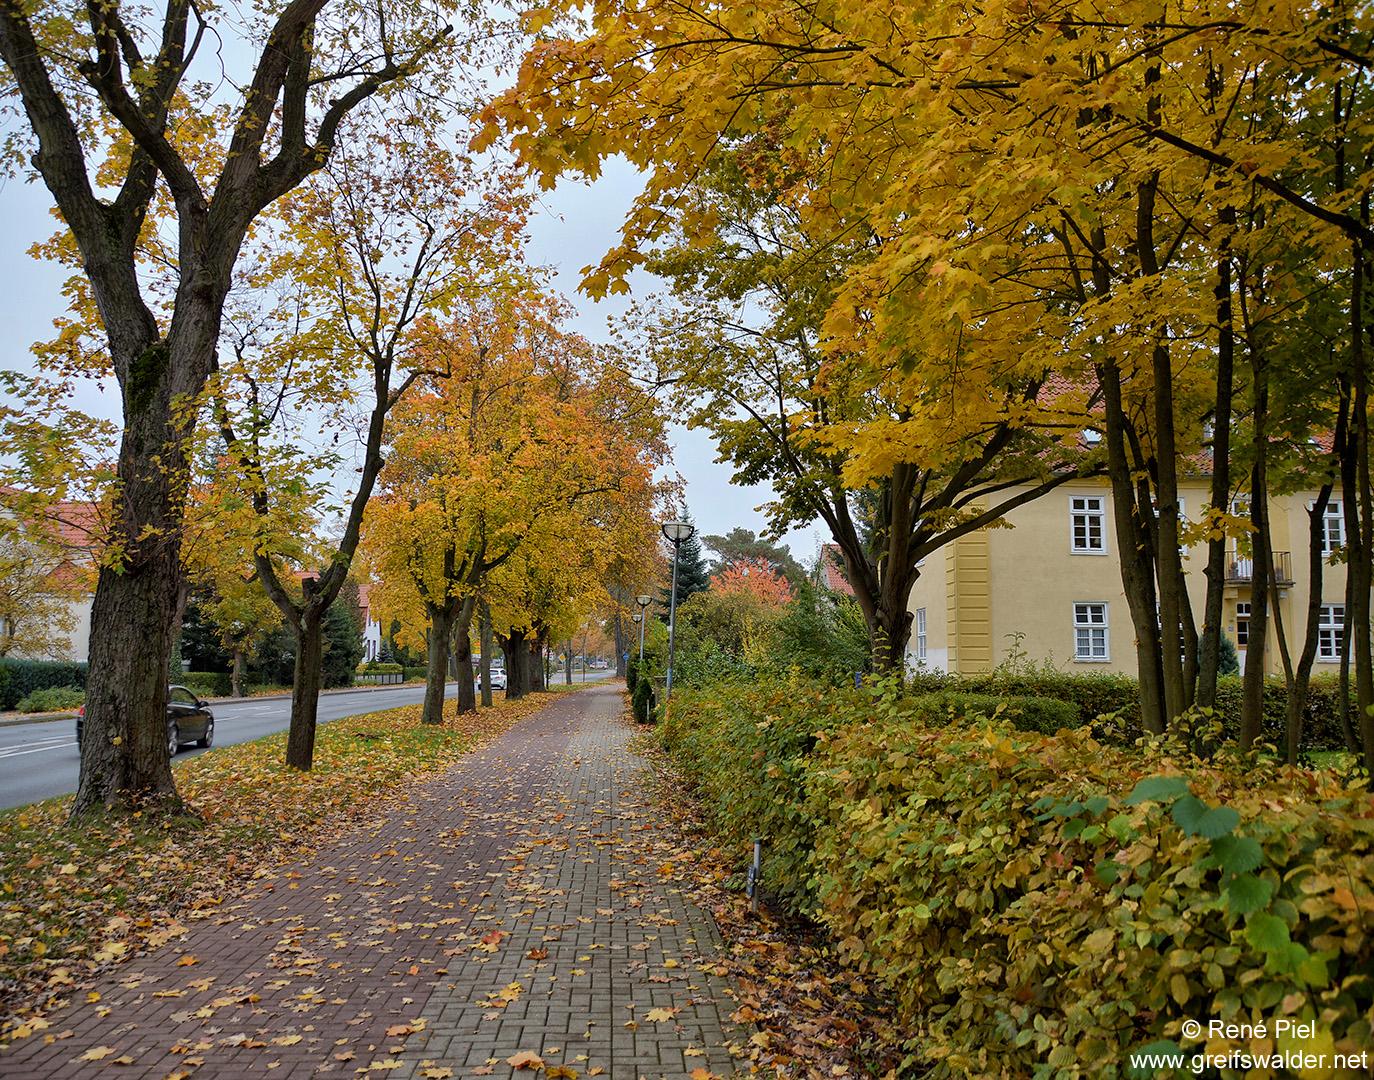 Bunter Herbst in der Wolgaster Straße in Greifswald